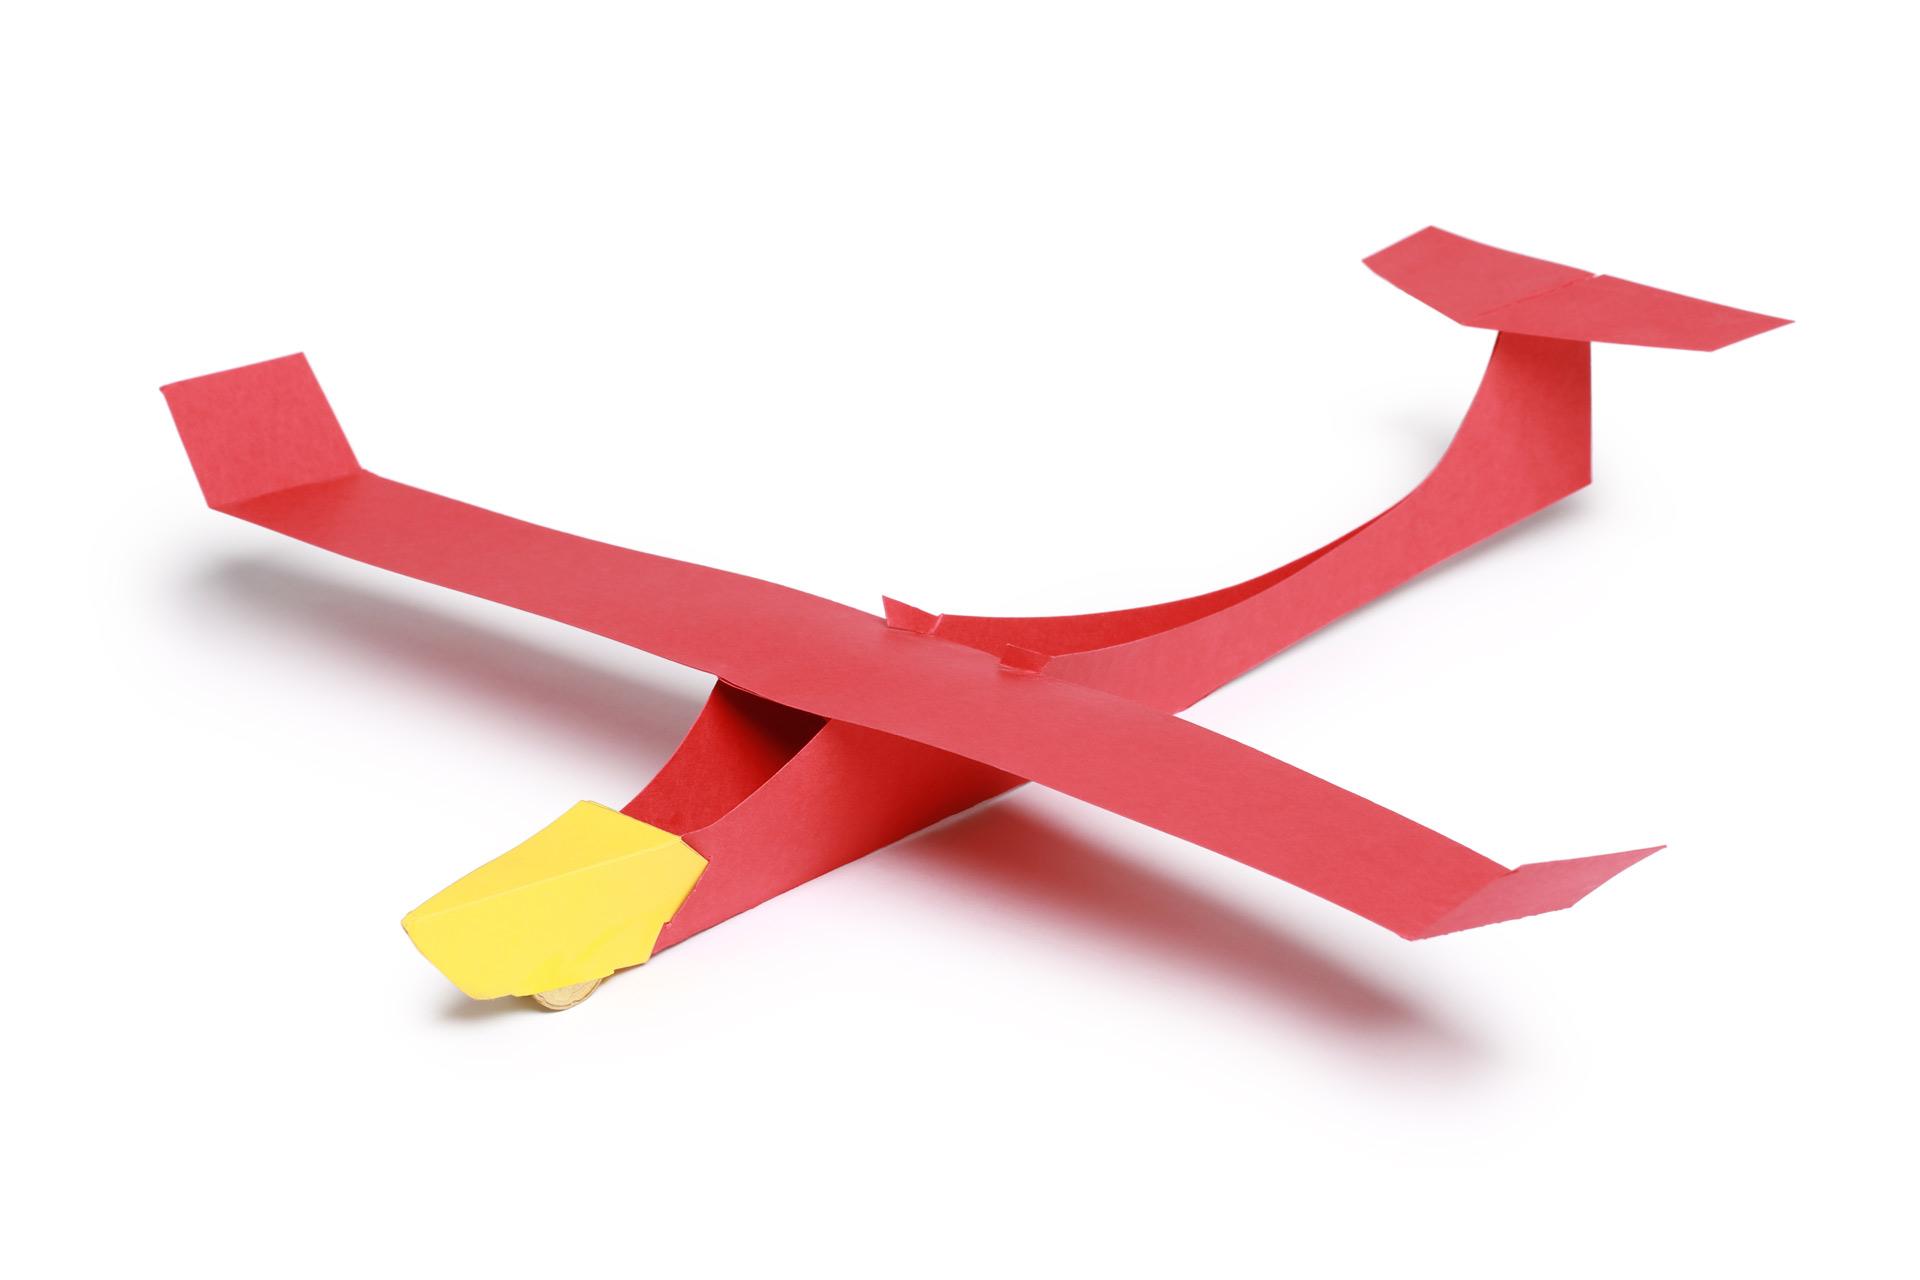 Segelflugsatz-Bausatz-roterSelgelflieger-ksg